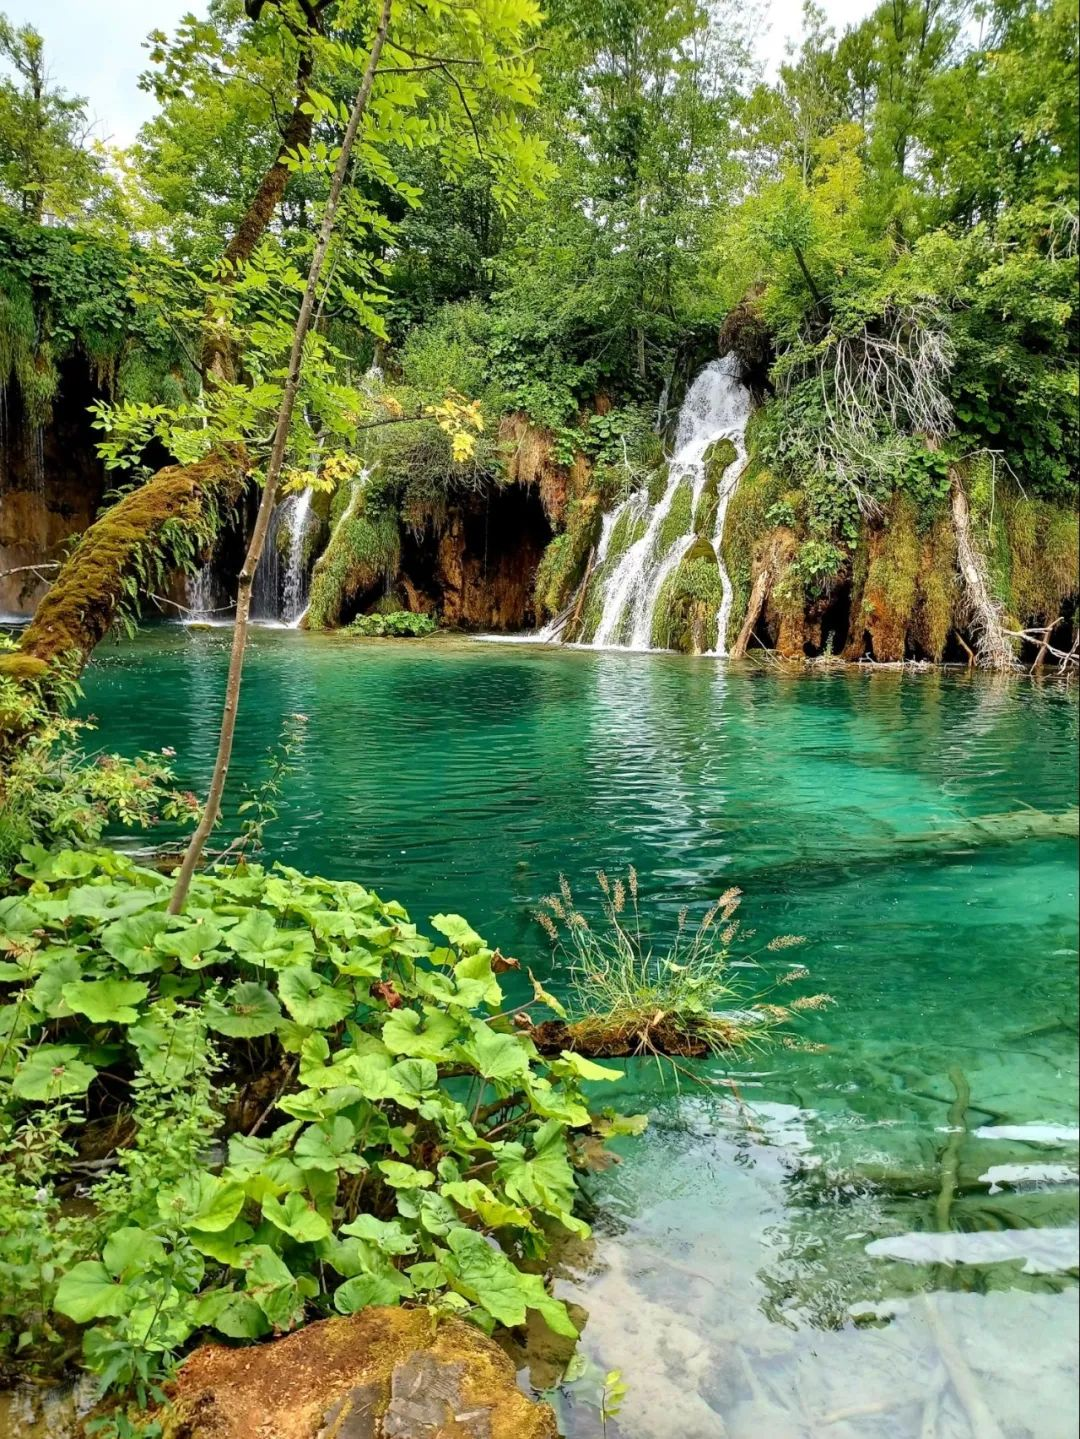 又一场说走就走的旅行:巴尔干半岛掠影 (四)